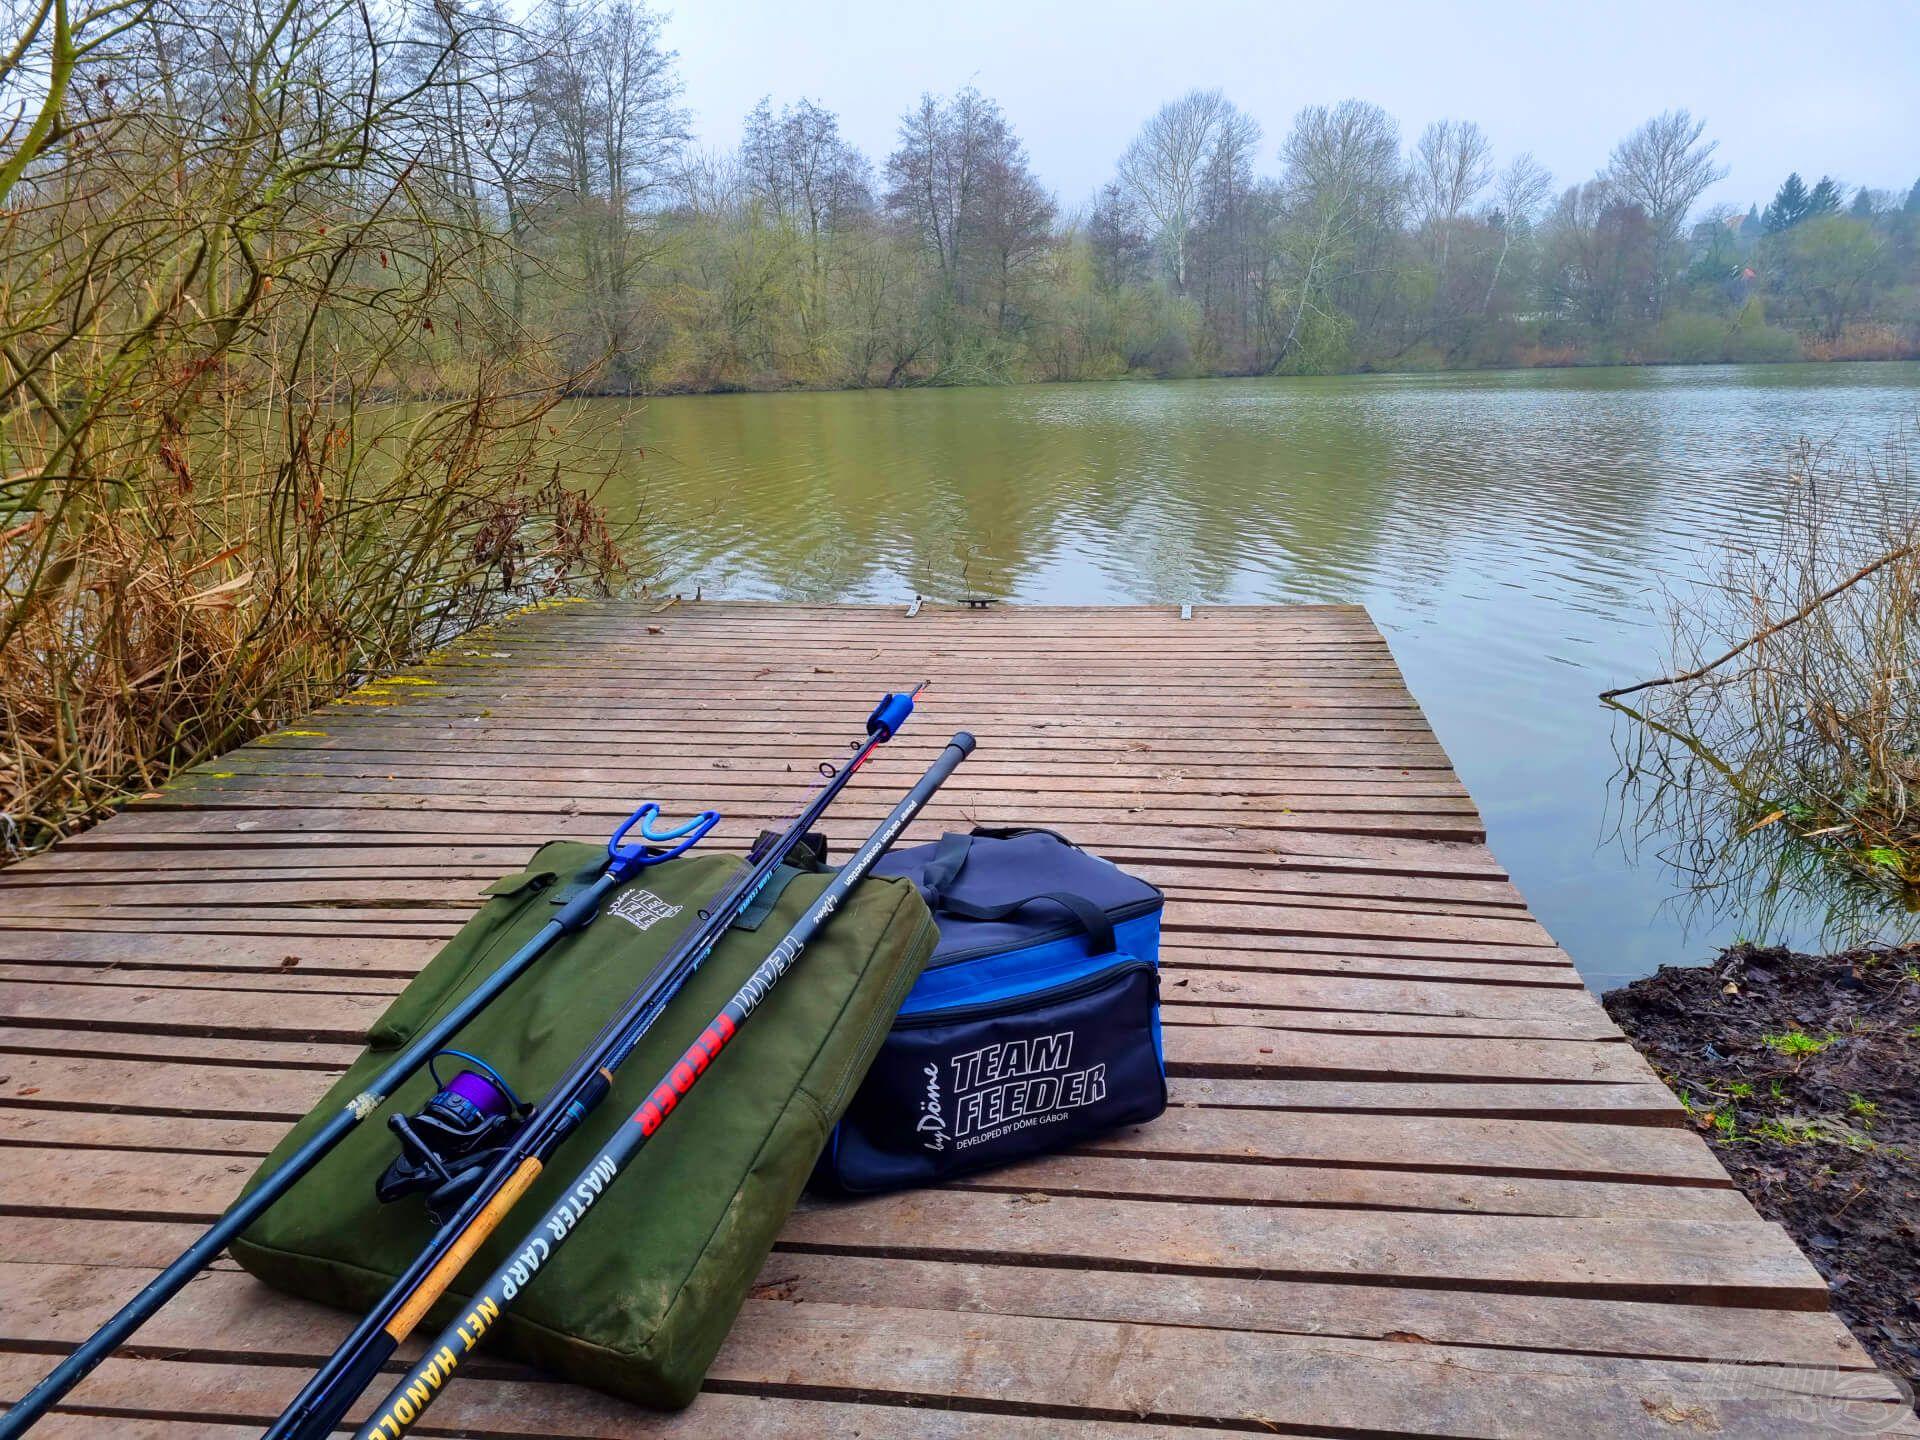 A mozgalmas, folyamatos helyváltoztató horgászat miatt elengedhetetlen a jól átgondolt, minimalizált felszerelés